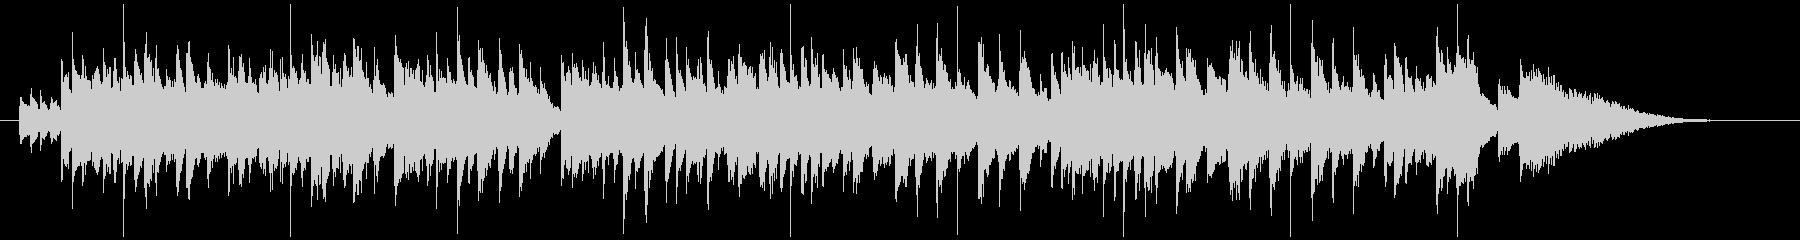 ハープの音色が美しいファンタジックな小曲の未再生の波形